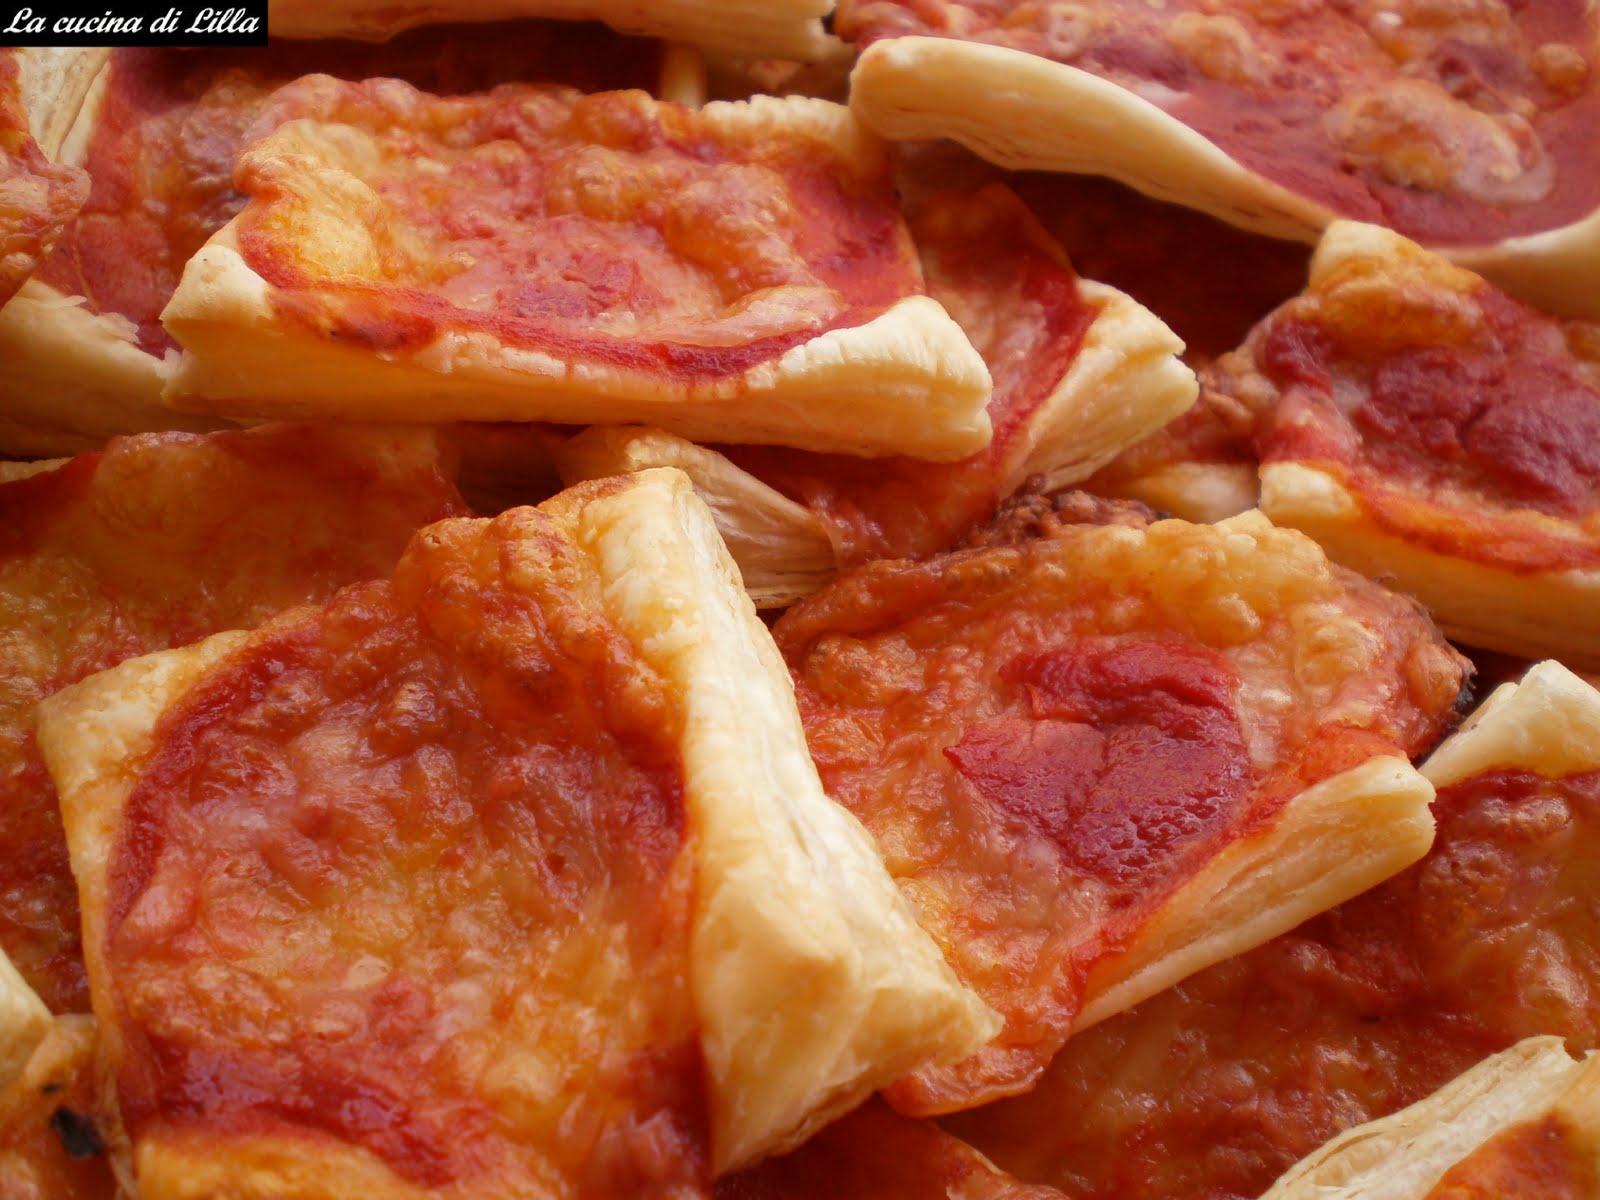 La cucina di Lilla (adessosimangia.blogspot.it): Torte salate ...